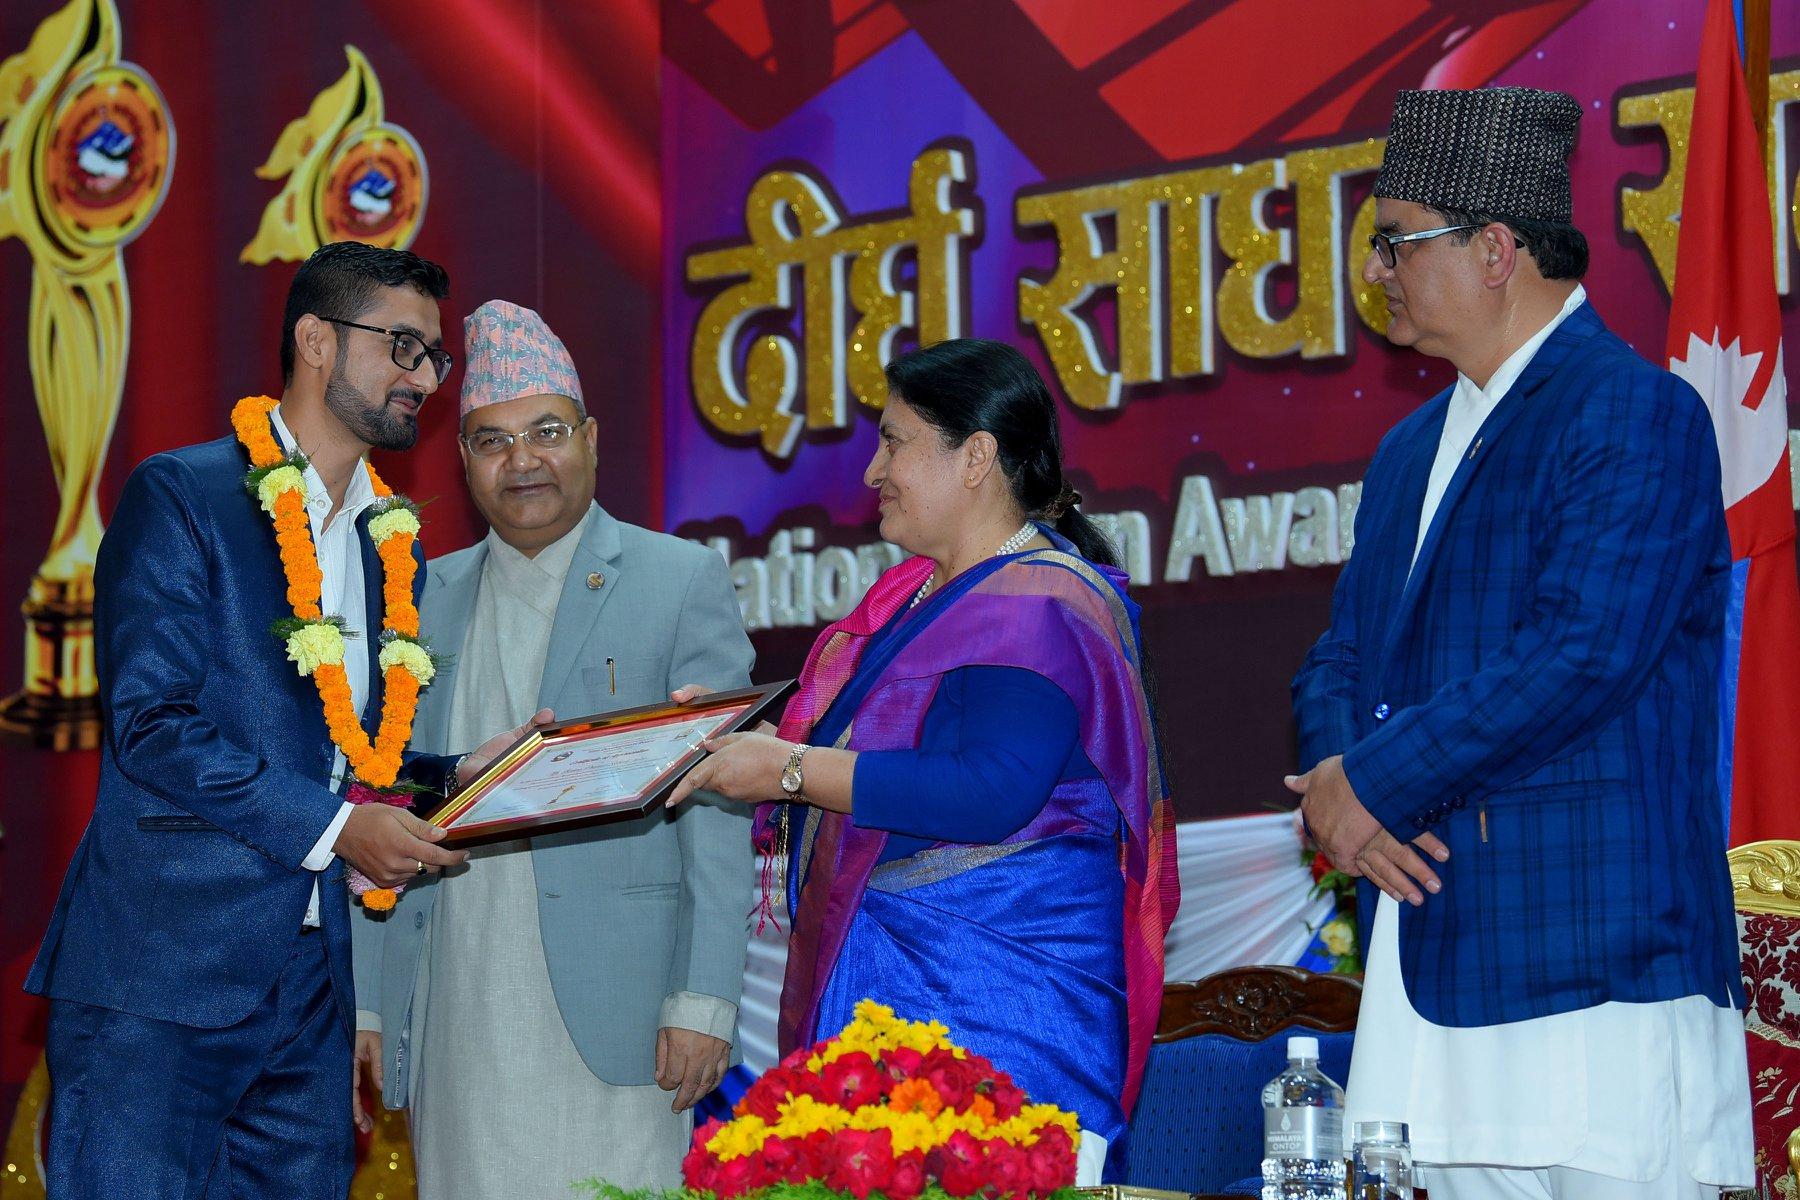 राष्ट्रिय चलचित्र पुरस्कार २०७४ को निर्णायकका रुपमा सम्माननिय राष्ट्रपति श्रीमति बिद्यादेवी भण्डारी ज्यू बाट निर्णायकको प्रमाण पत्र ग्रहण गर्दै